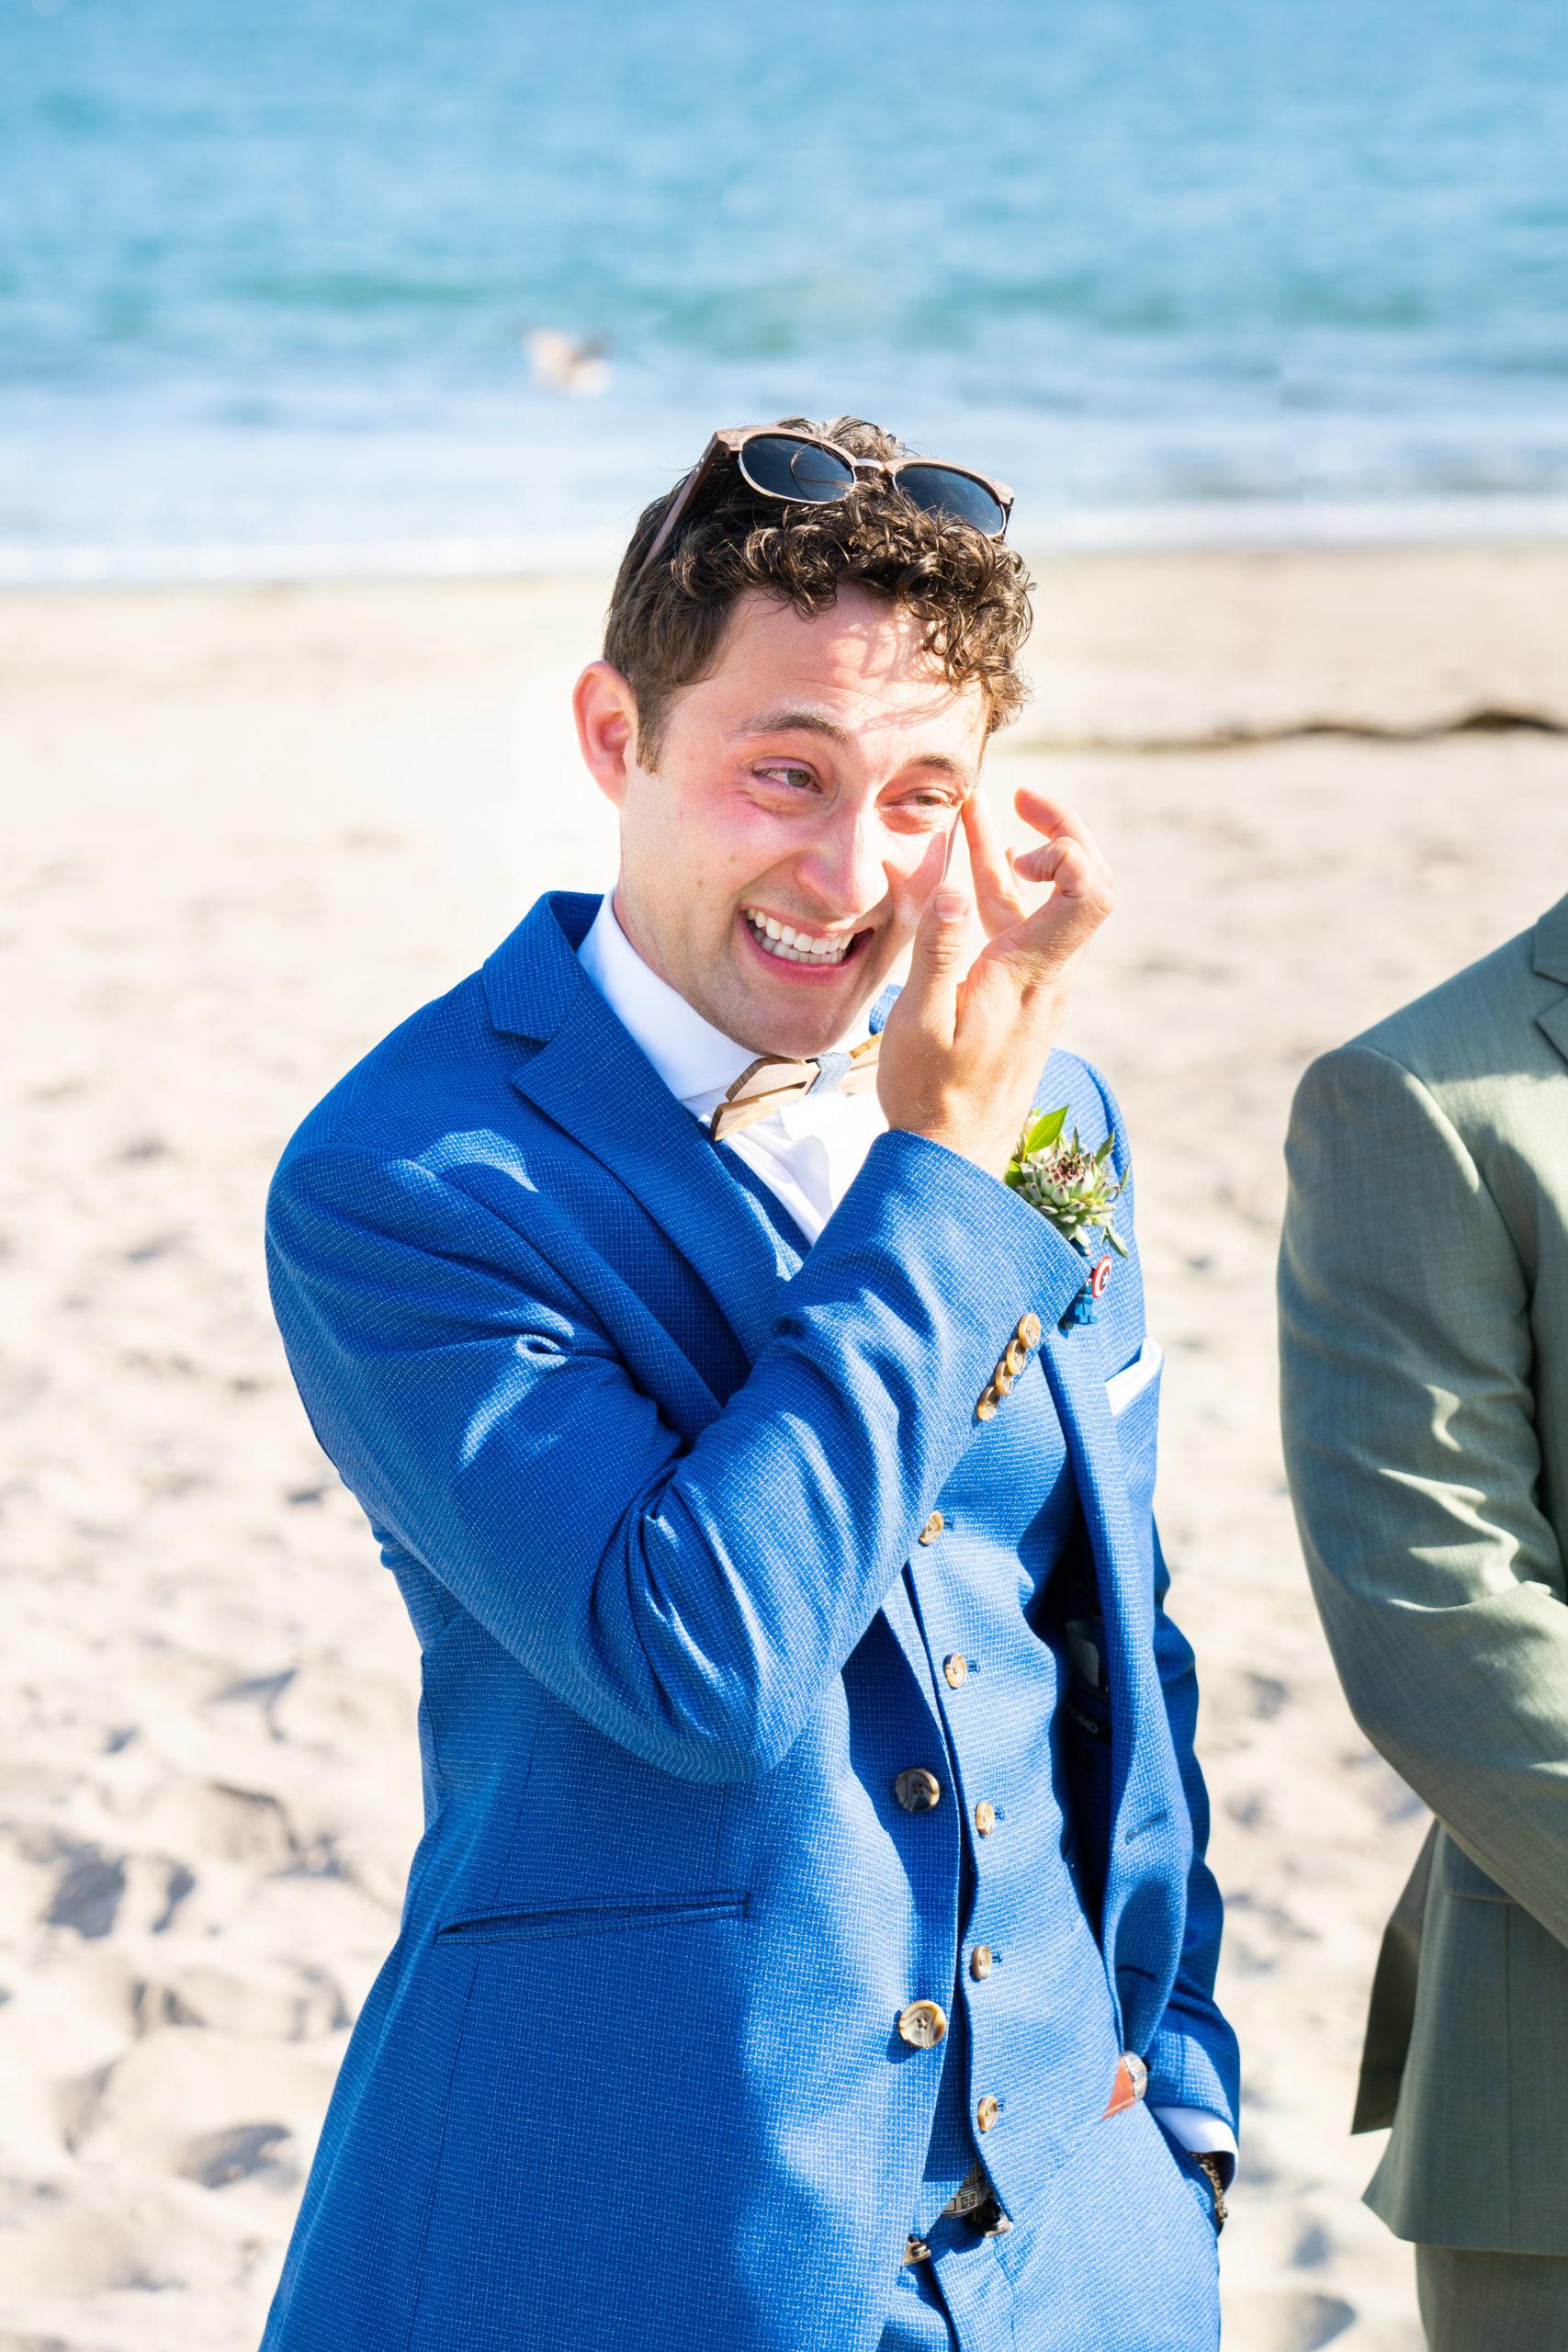 Emotional Groom seeing Bride at Ceremony